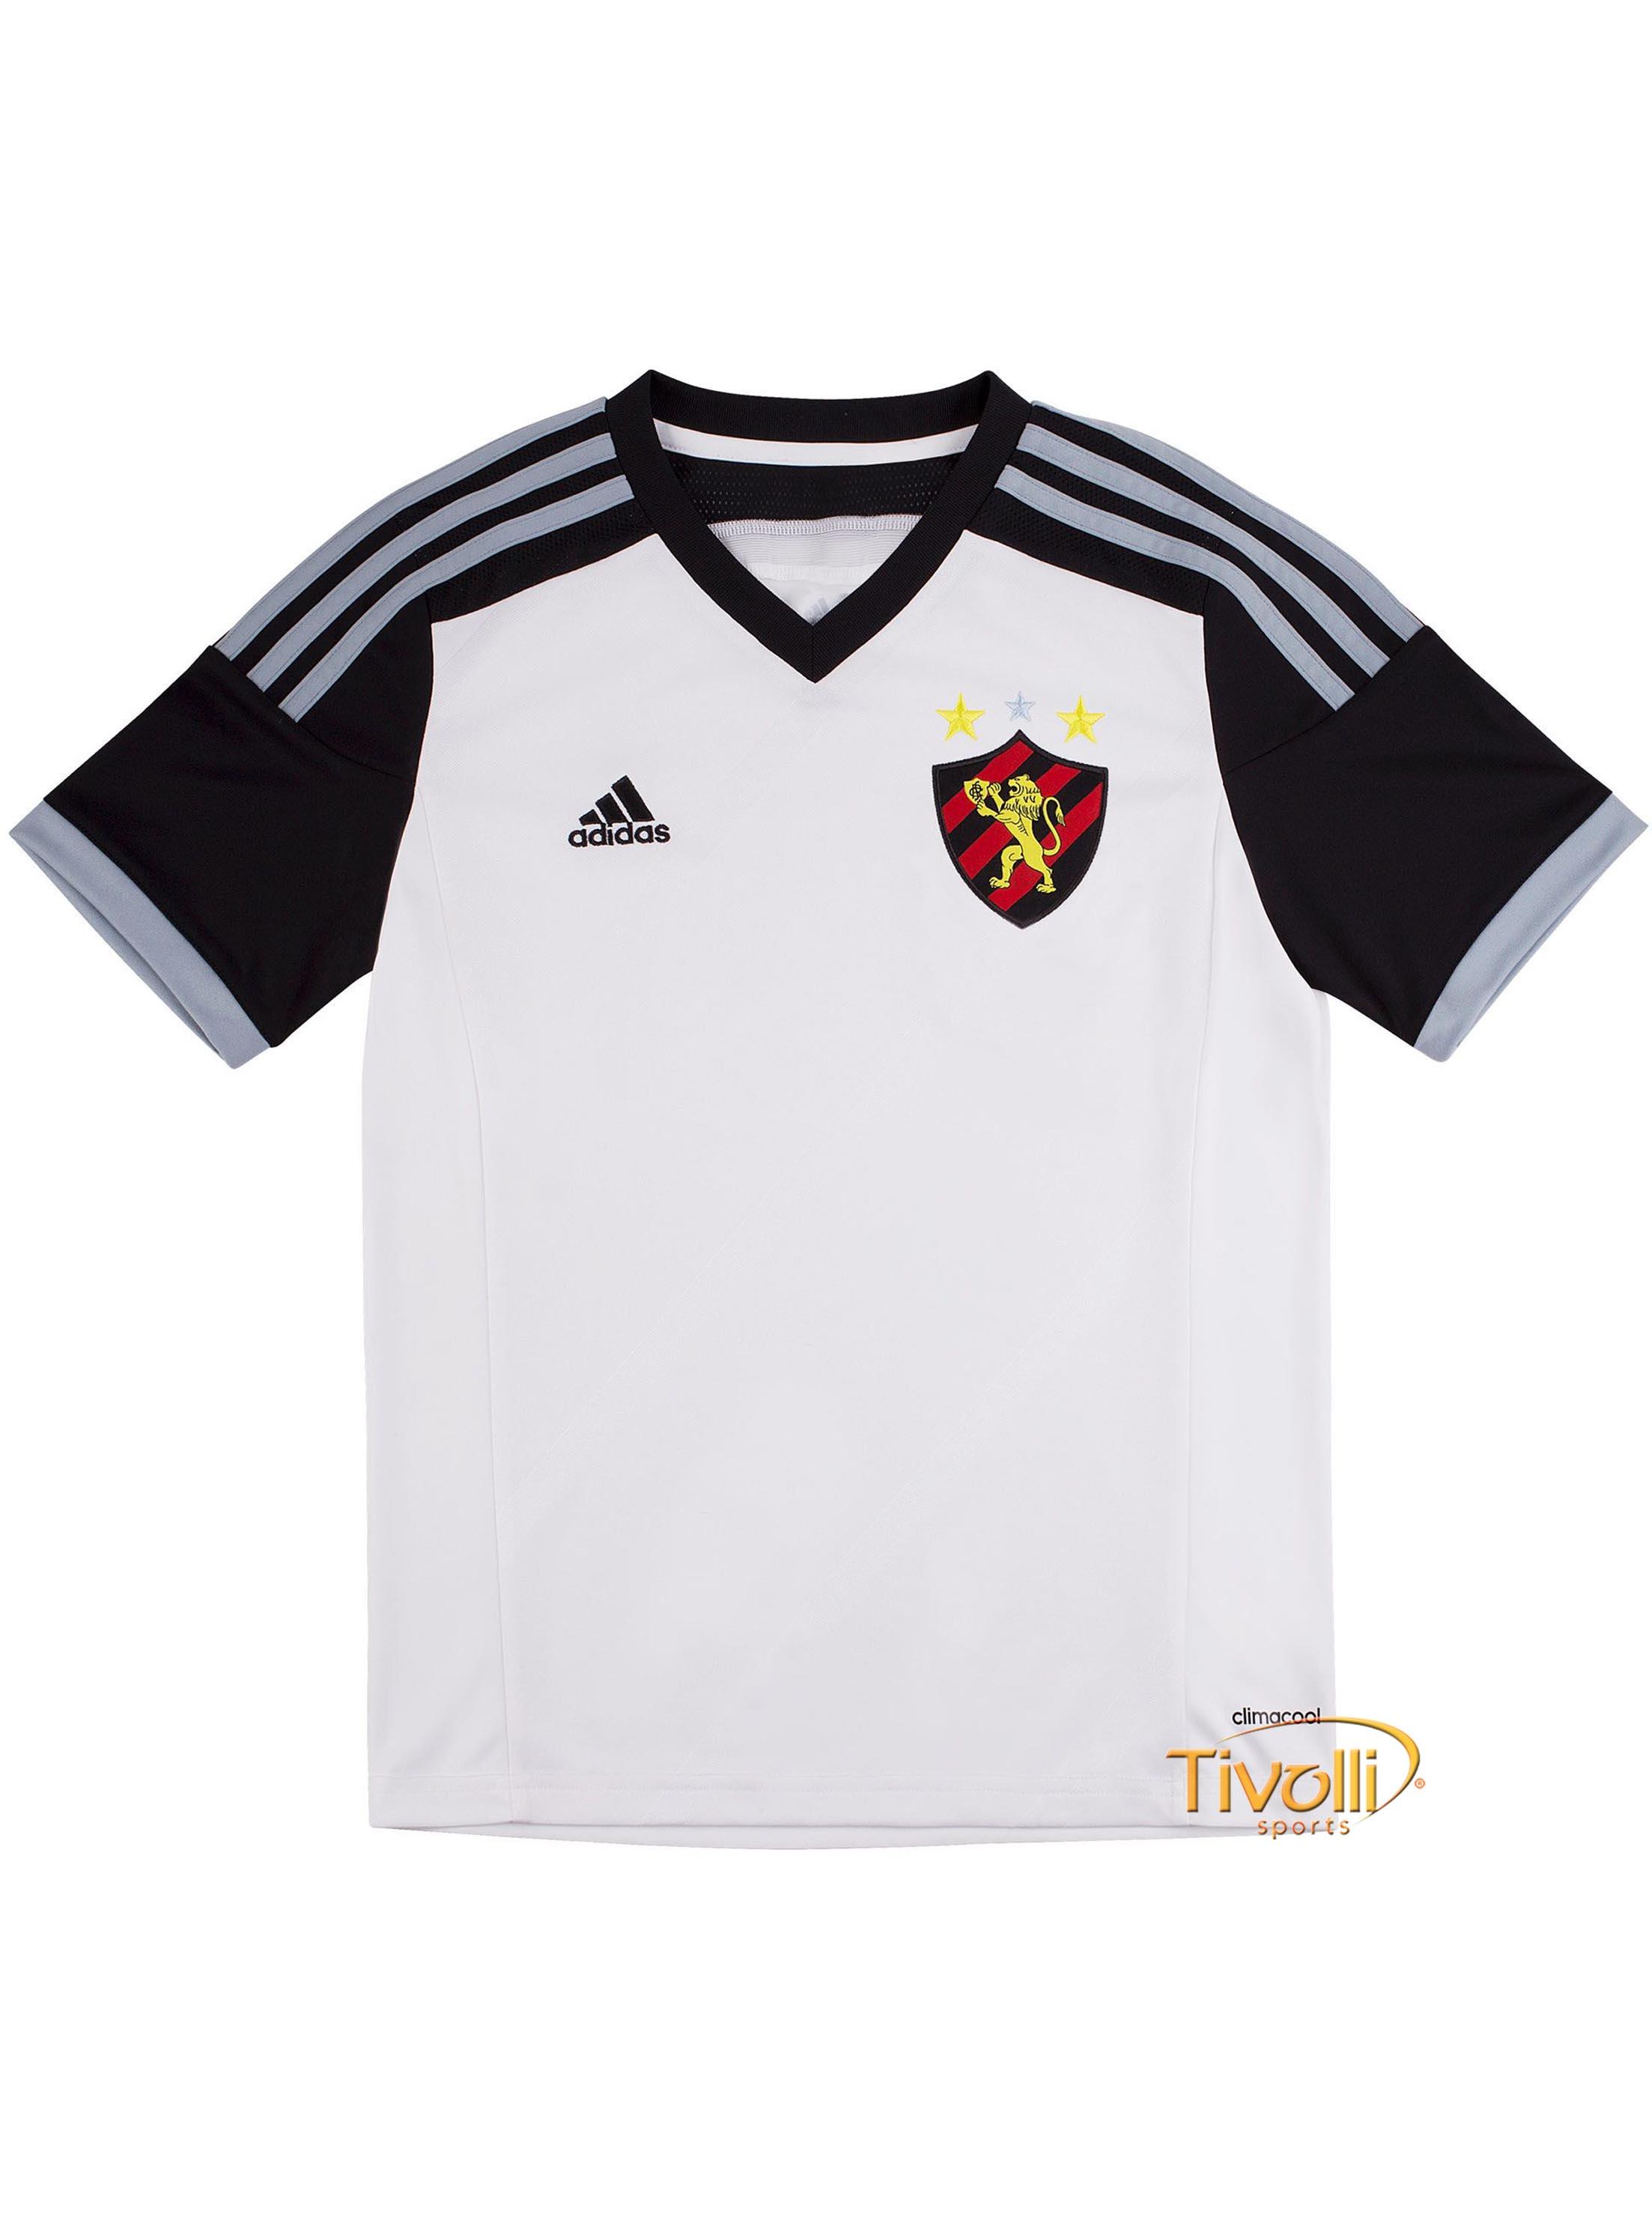 954c3a5e7 Camisa Sport Club Recife II Infantil 2014 Adidas > - Mega Saldão >